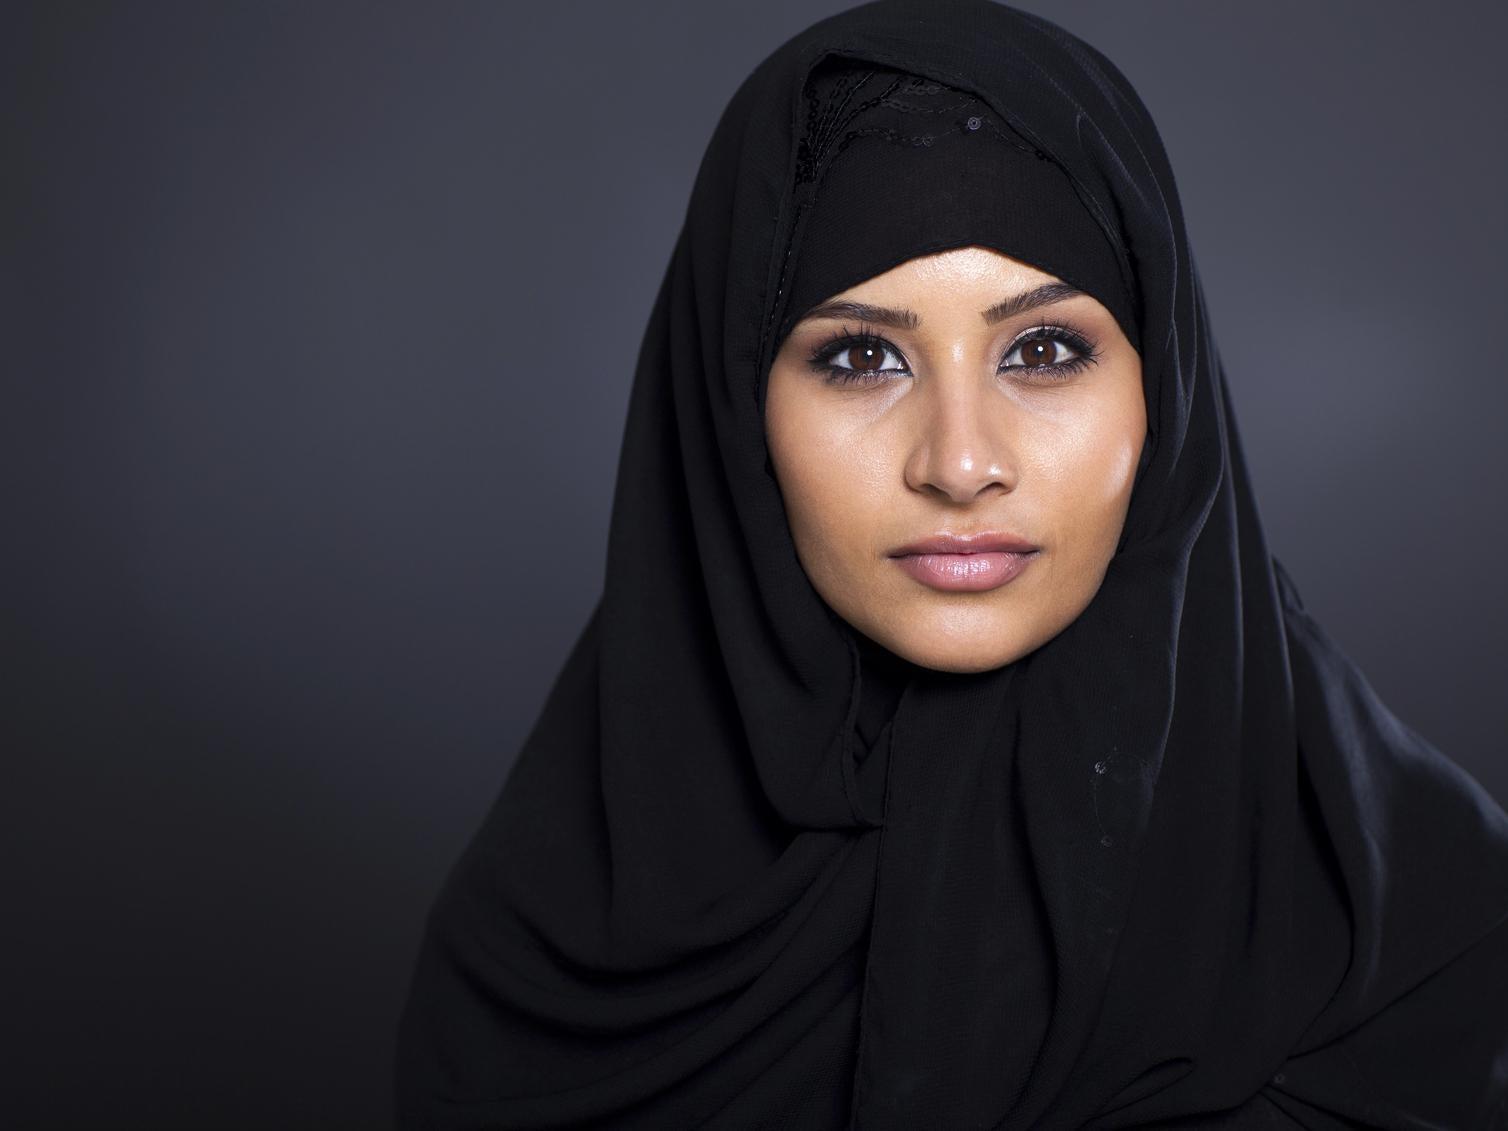 Hd Muslim Hijab